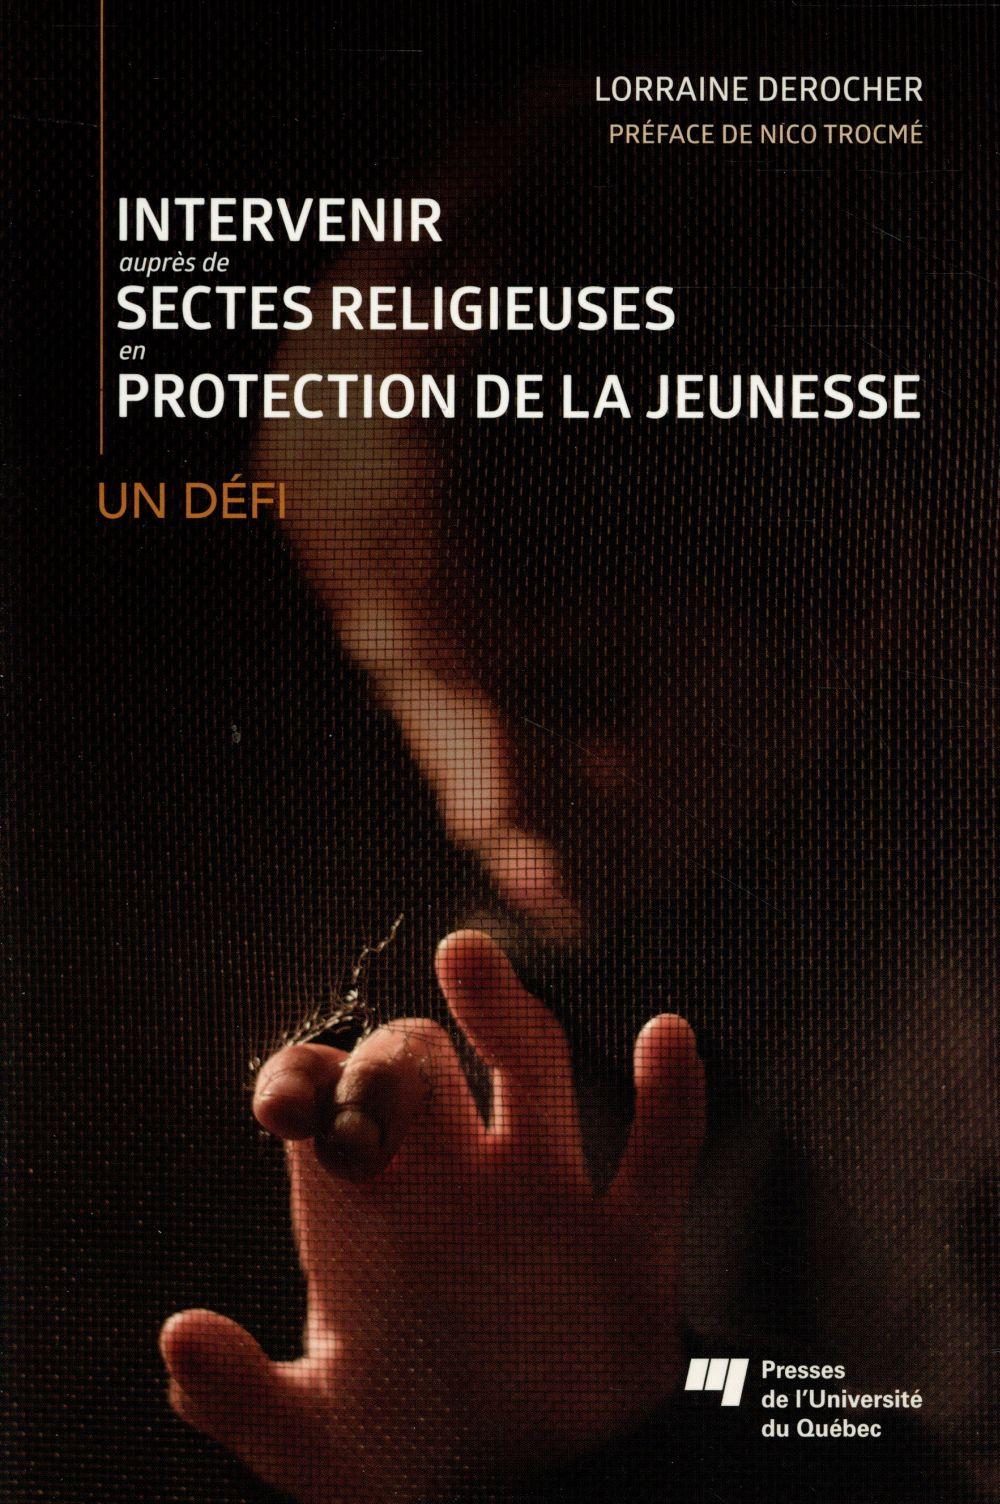 Intervenir auprès de sectes religieuses en protection de la jeunesse, Un défi